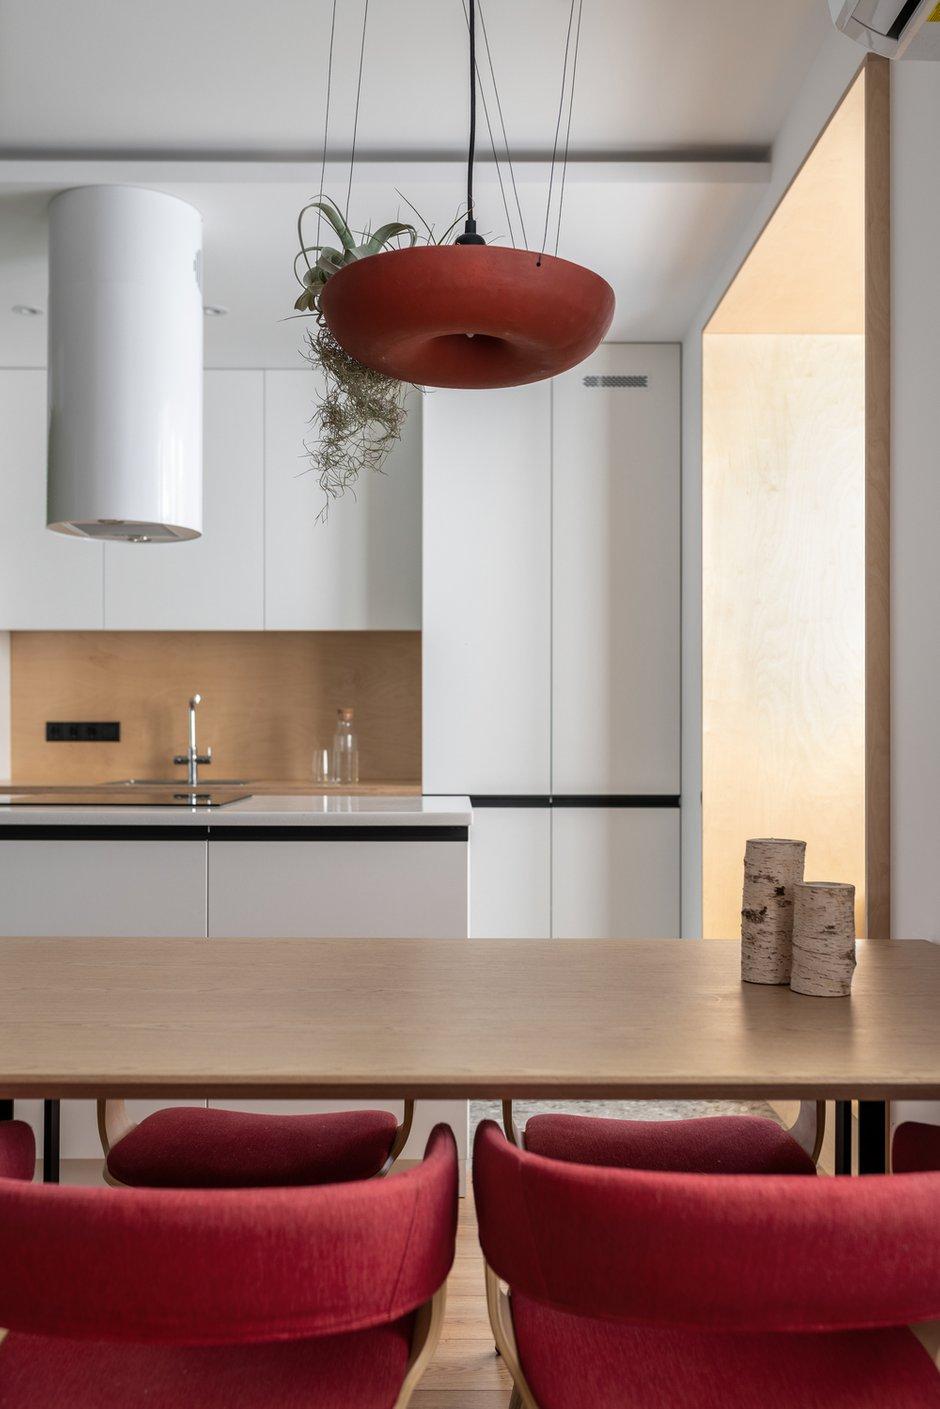 Фотография: Кухня и столовая в стиле Скандинавский, Минимализм, Квартира, Украина, Проект недели, 2 комнаты, 60-90 метров, Lauri Brothers – фото на INMYROOM